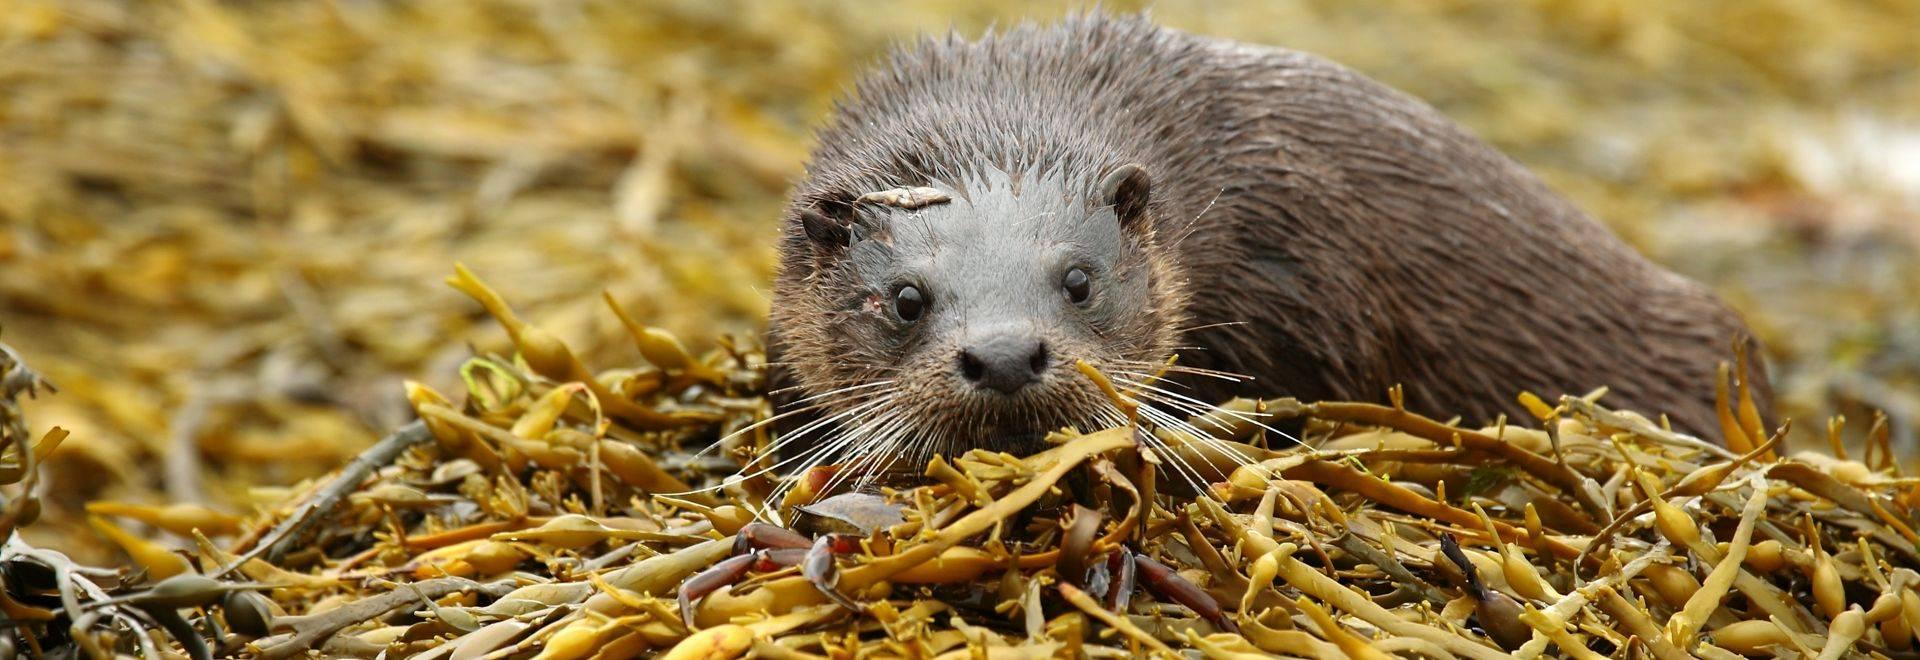 Eurasian Otter (John A Cameron)